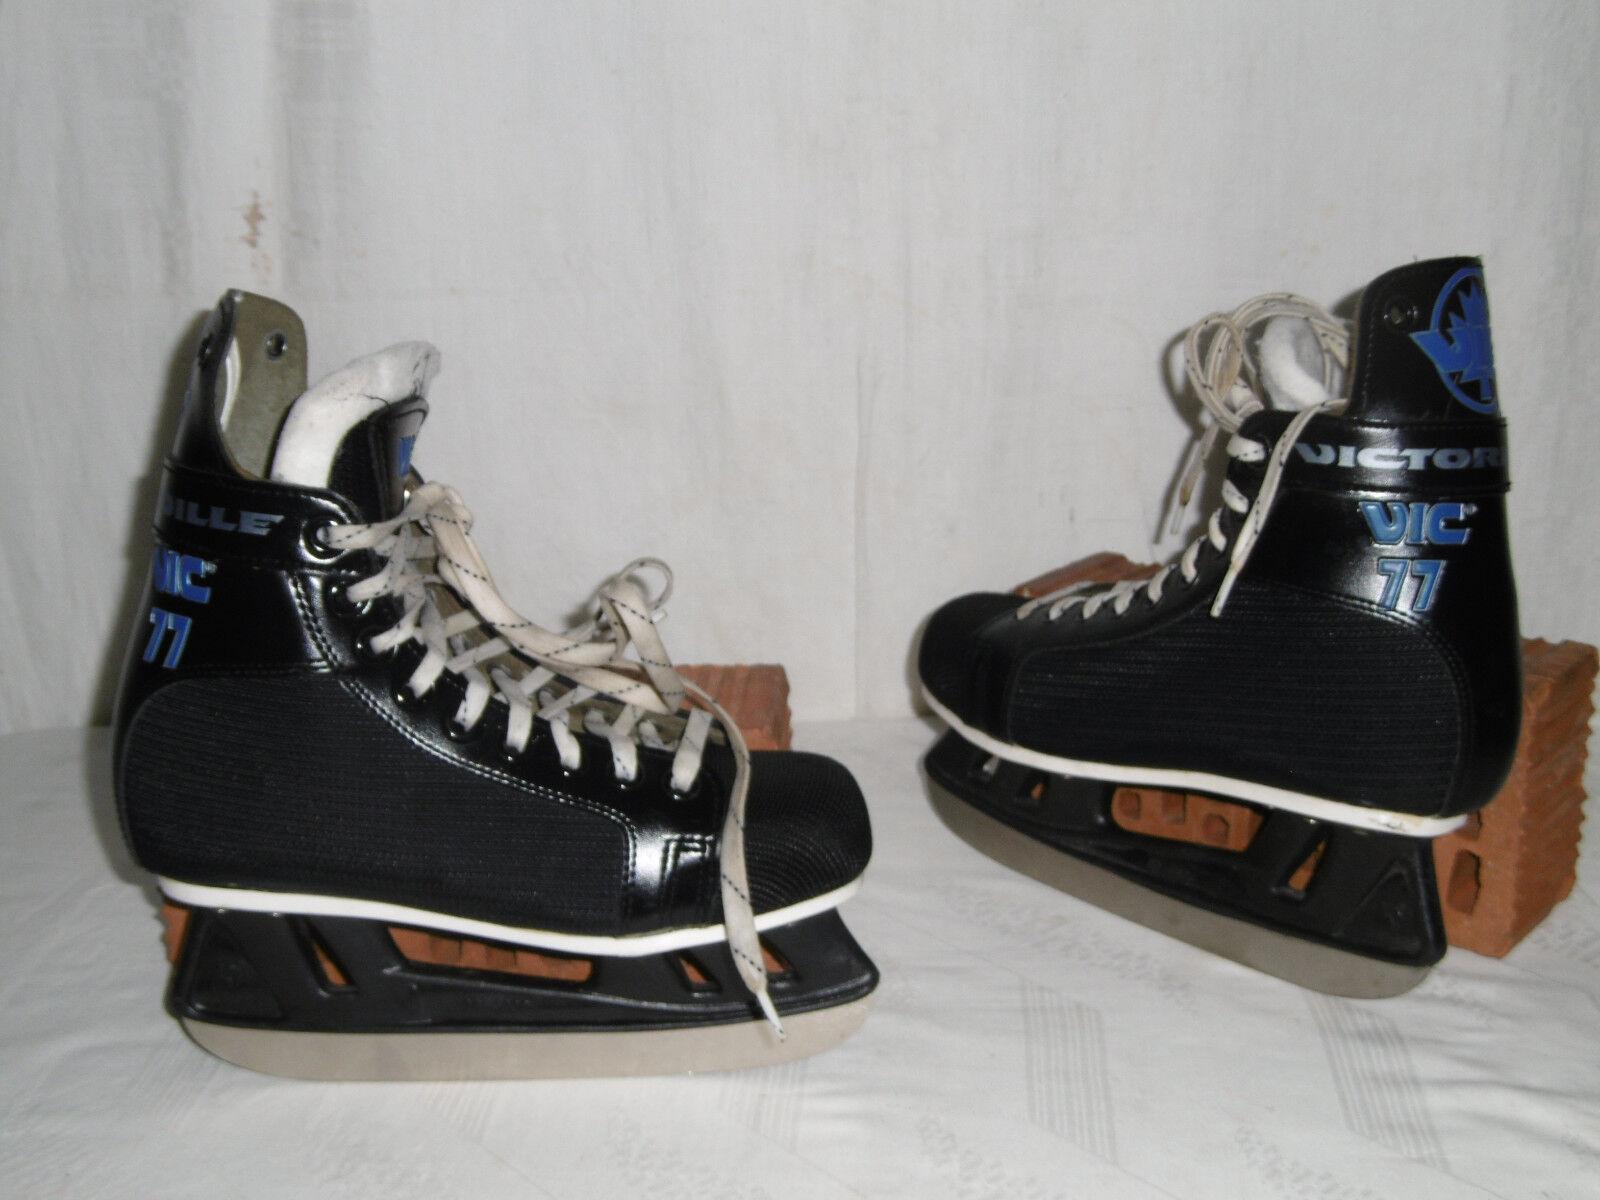 Roxa Grinta 726 Eishockeyschlittschuhe Gr 43 Eislauf Hockey Schlittschuhe